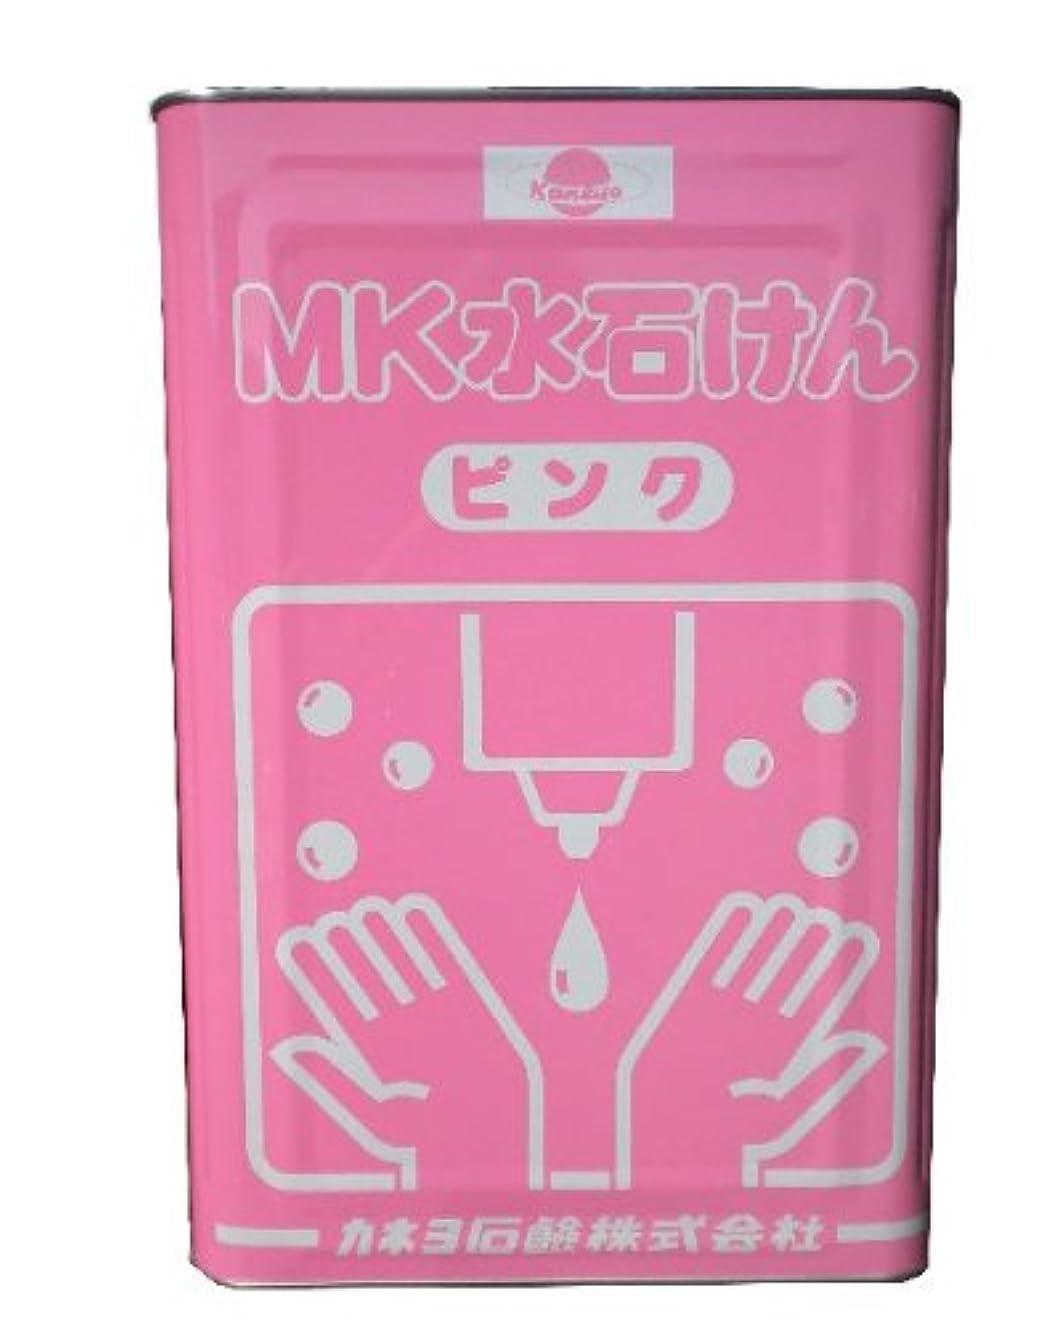 【大容量】 カネヨ石鹸 ハンドソープ MK水せっけん 液体 業務用 18L 一斗缶